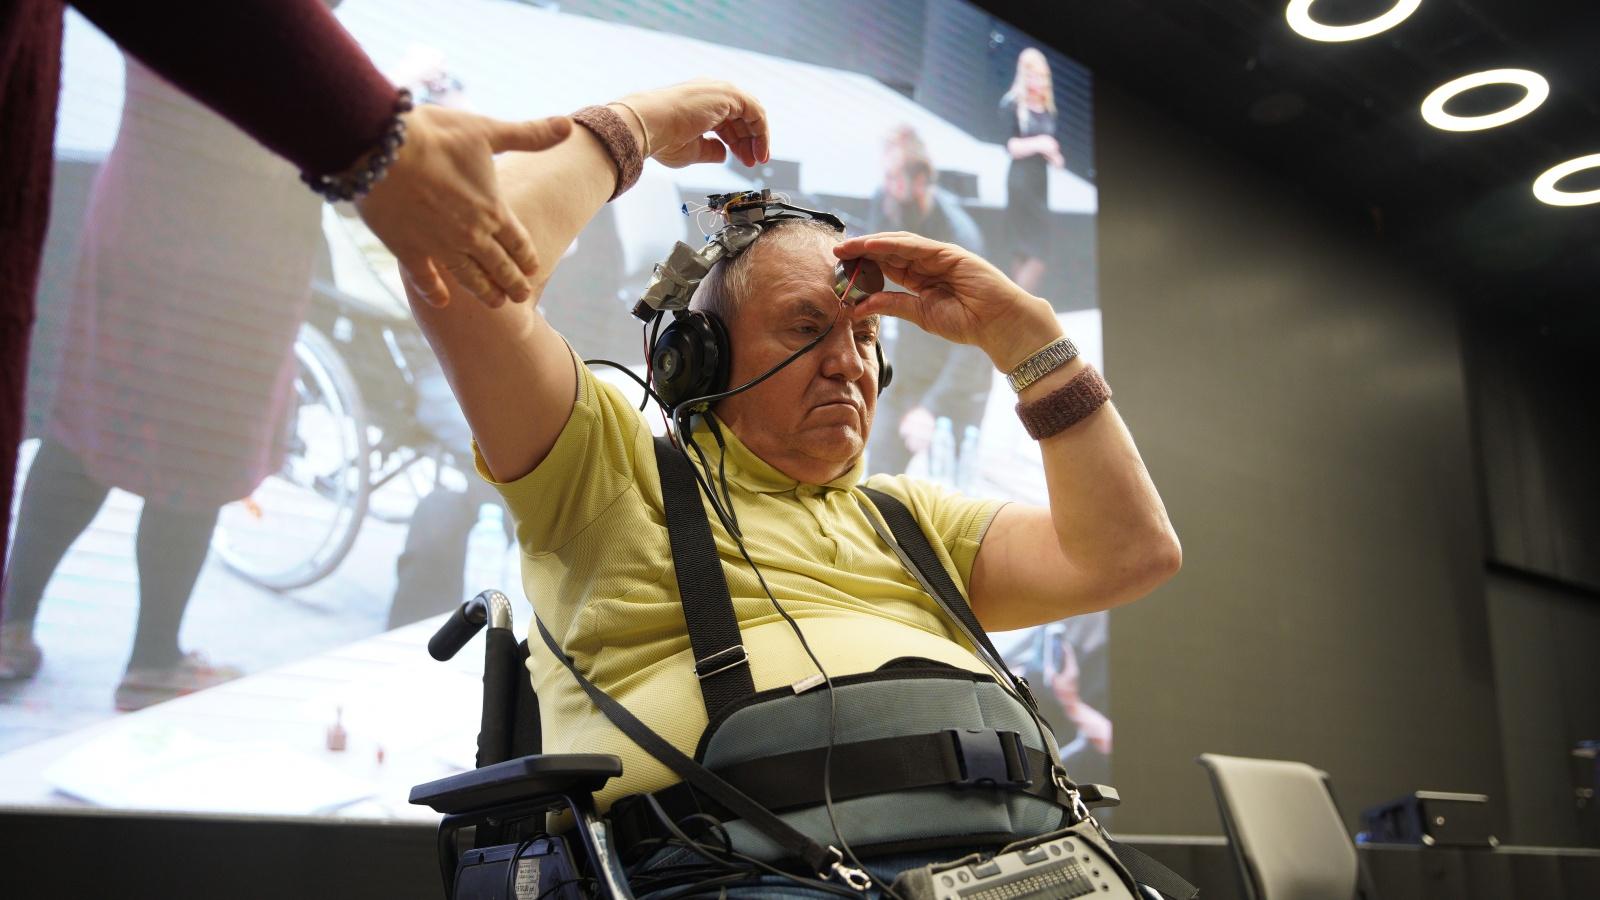 Как слепоглухой профессор в шлемофоне покорил Хакатон-2019 - 1